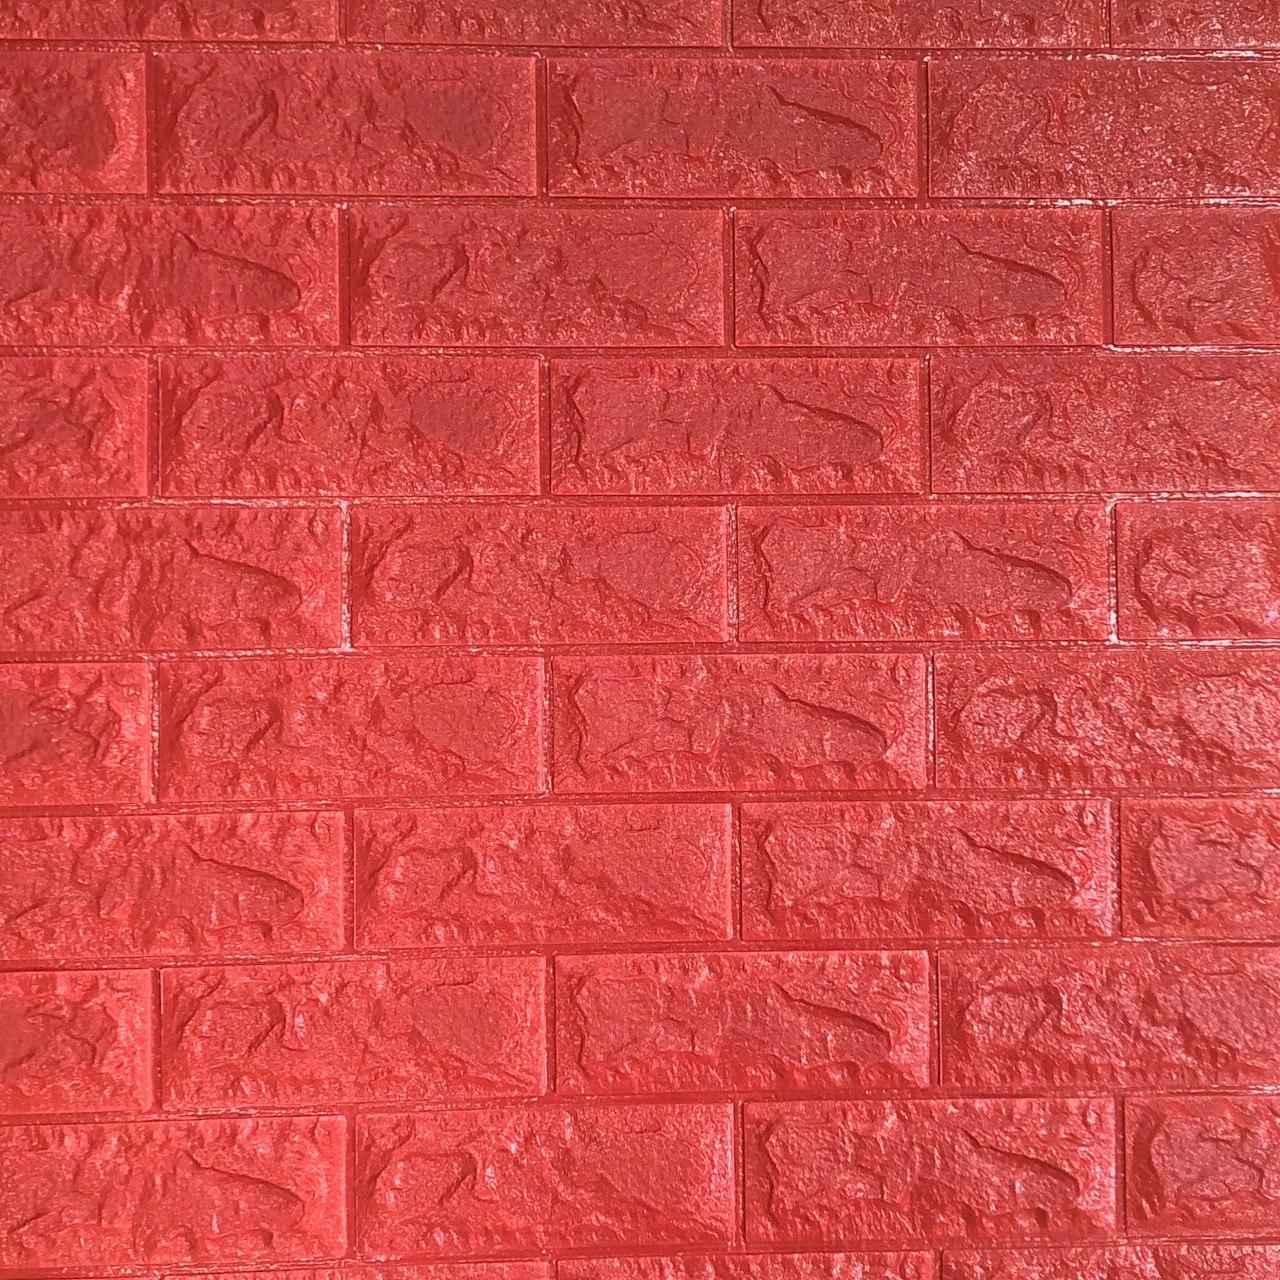 3д панель стеновой декоративный Красный Кирпич (самоклеющиеся 3d панели для стен оригинал) 700x770x7 мм